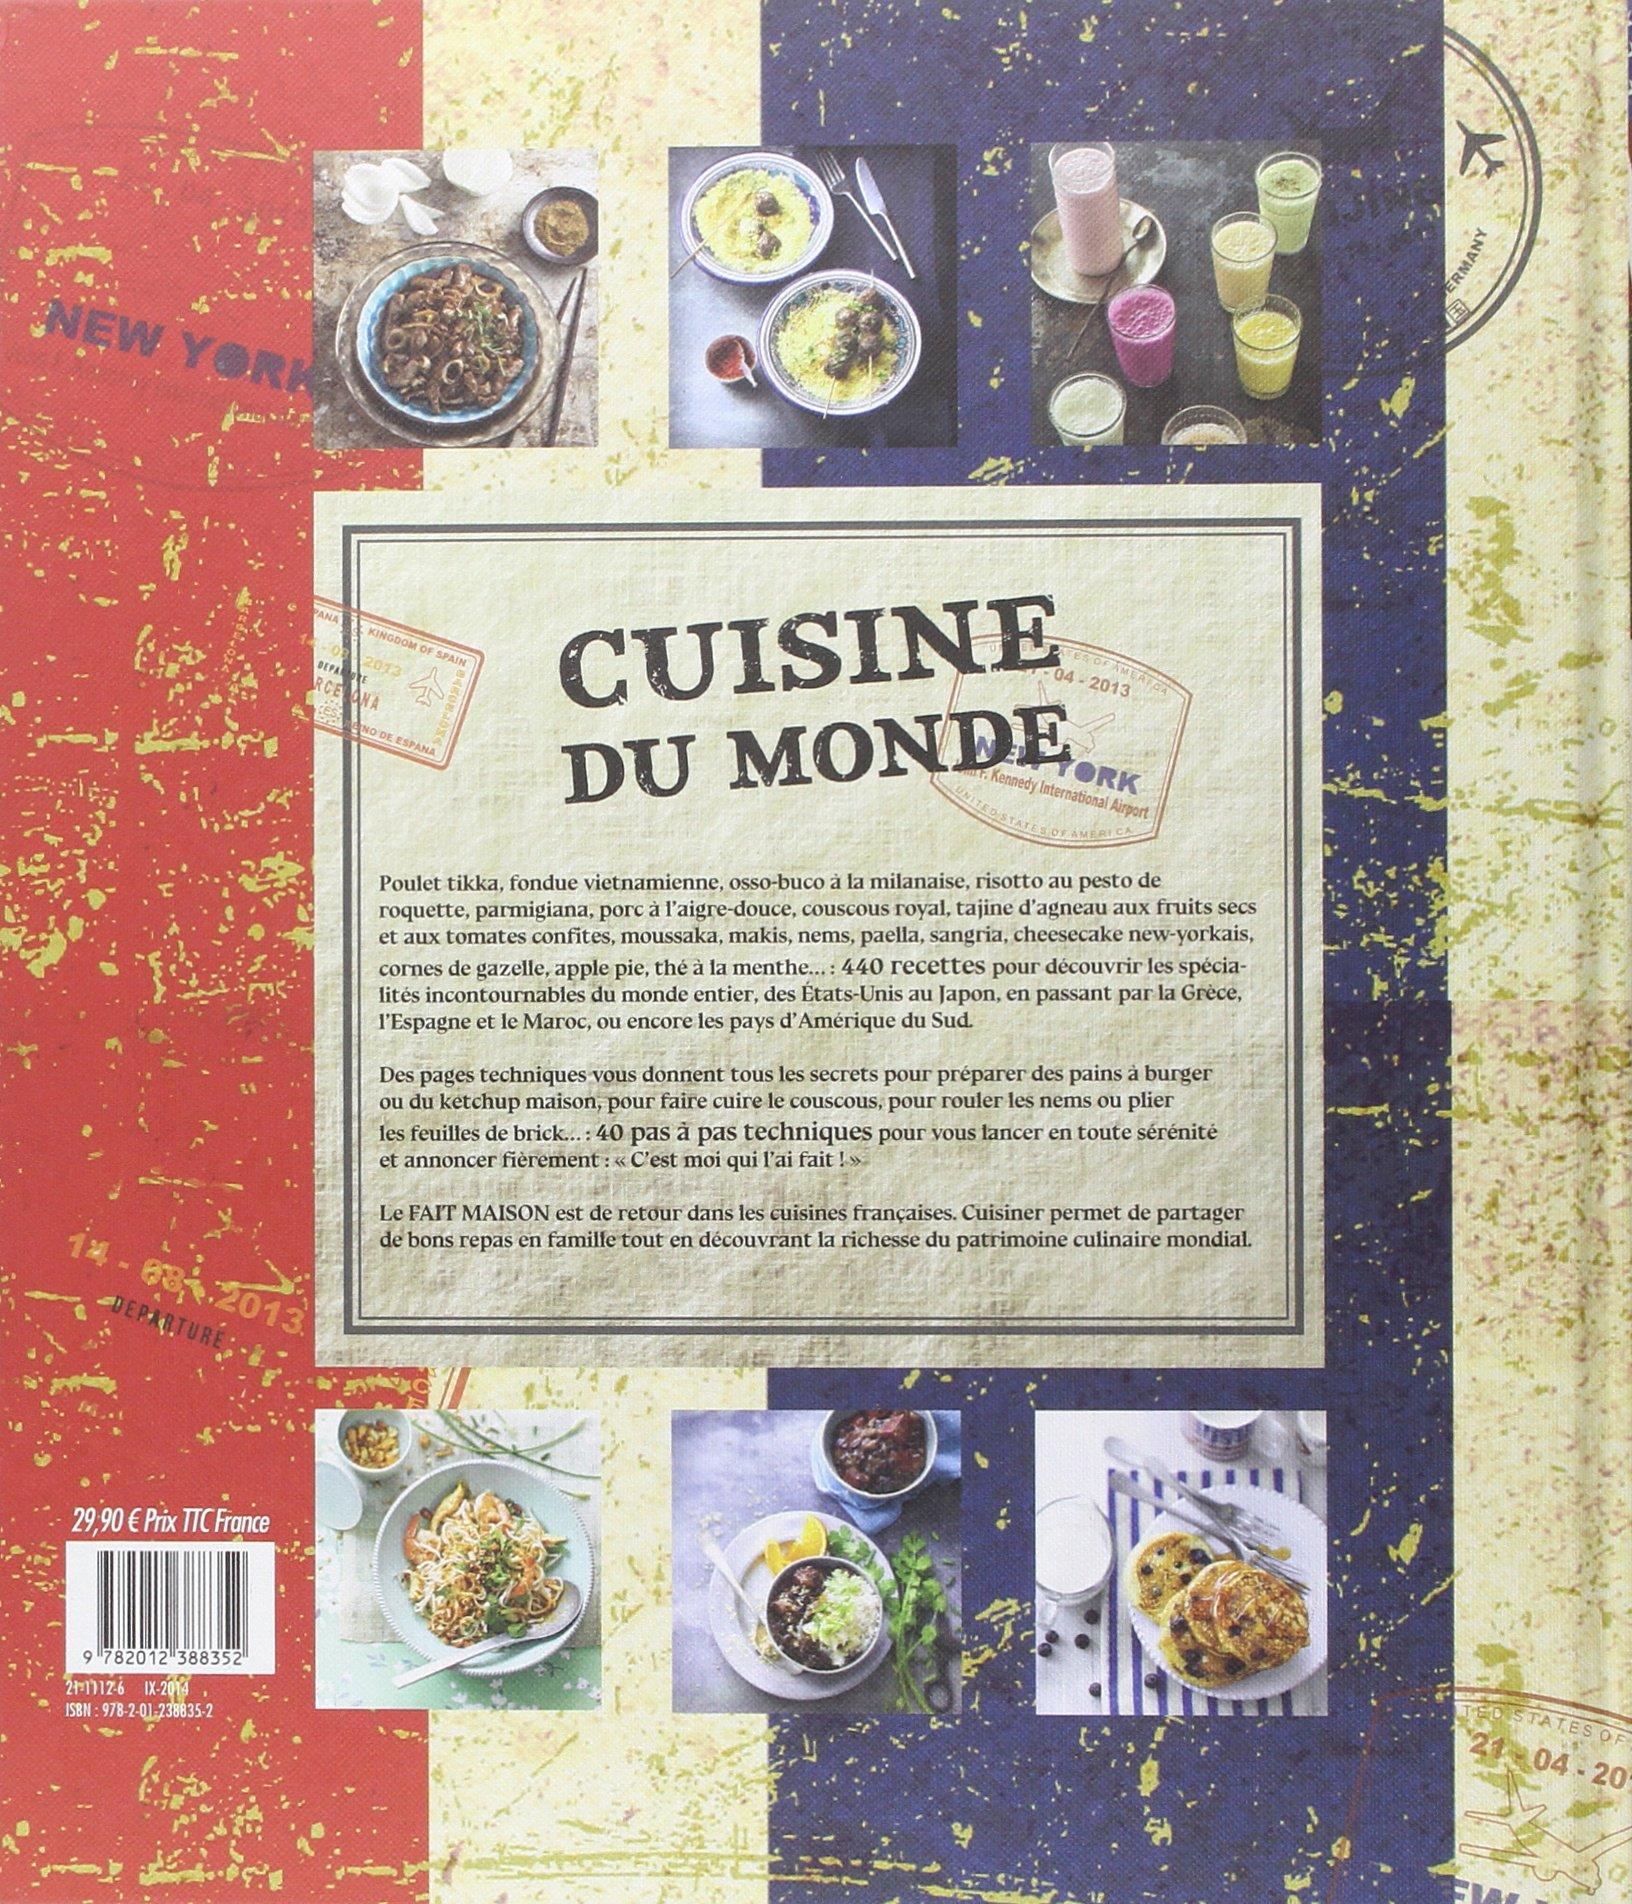 Wonderful Meilleur Cuisine Au Monde Classement Suggestion - Classement meilleur cuisine du monde